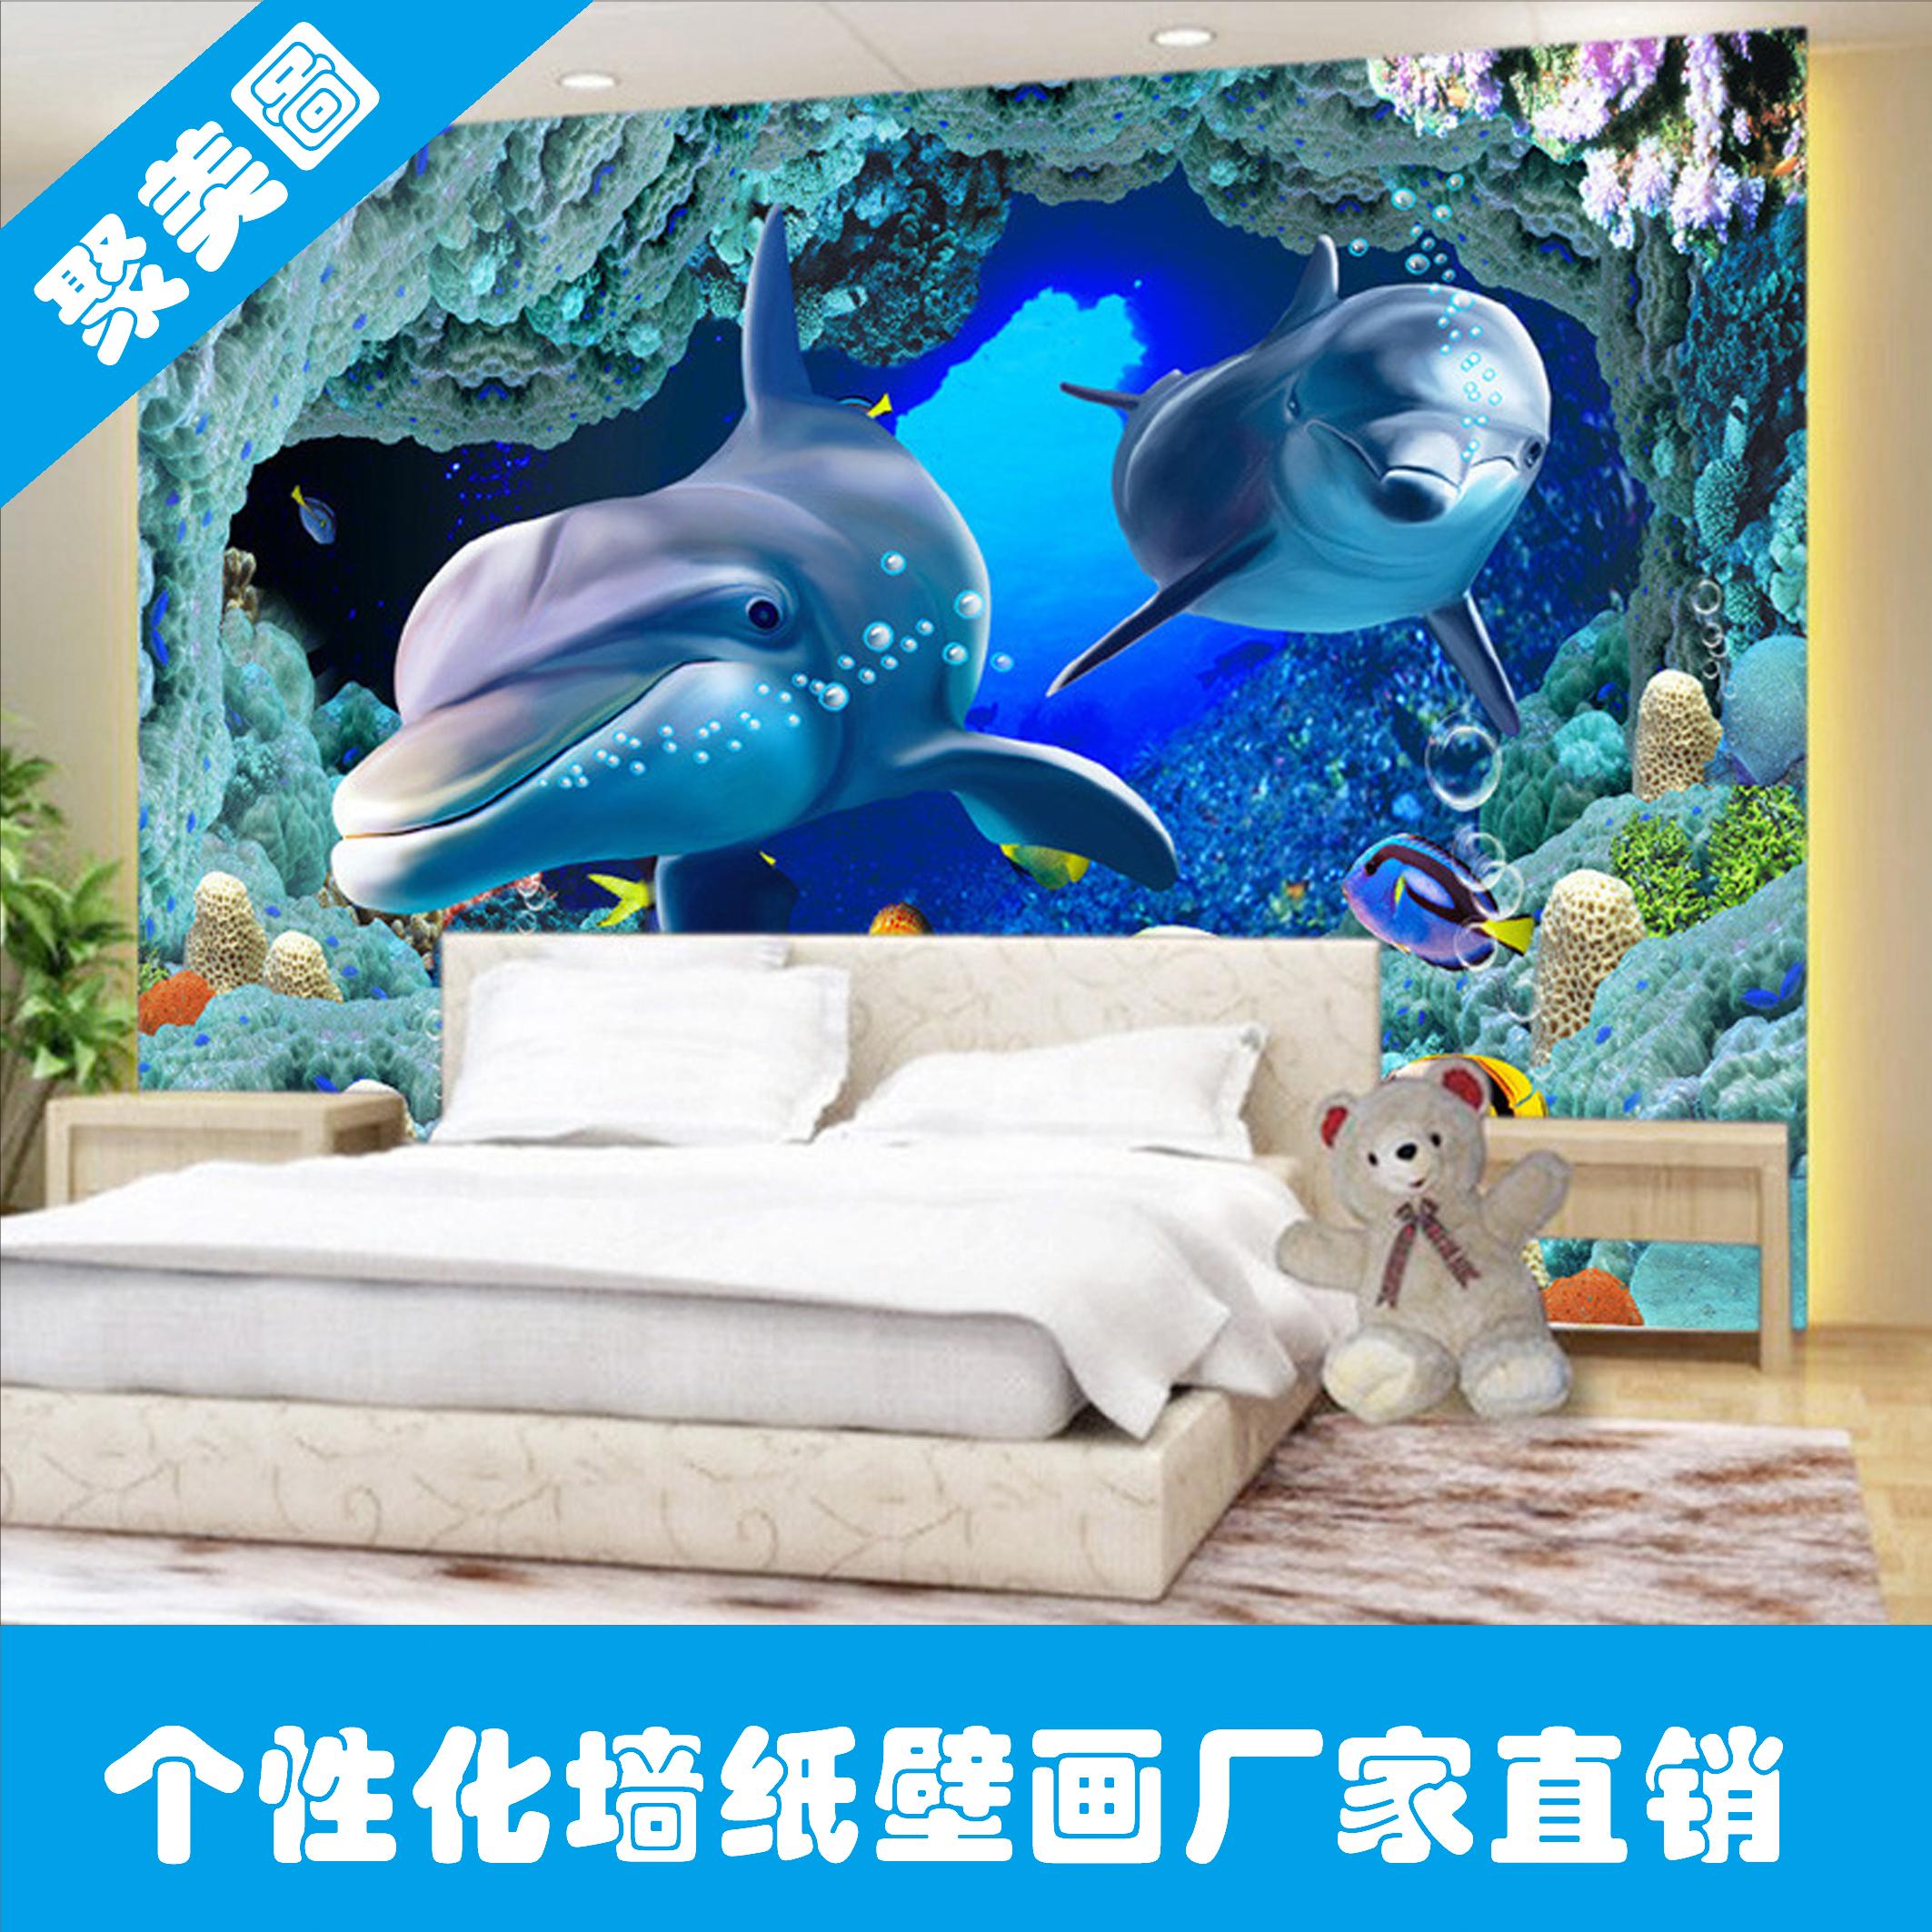 深圳3d个性化墙纸 深圳3d个性化墙纸 3d海底生物